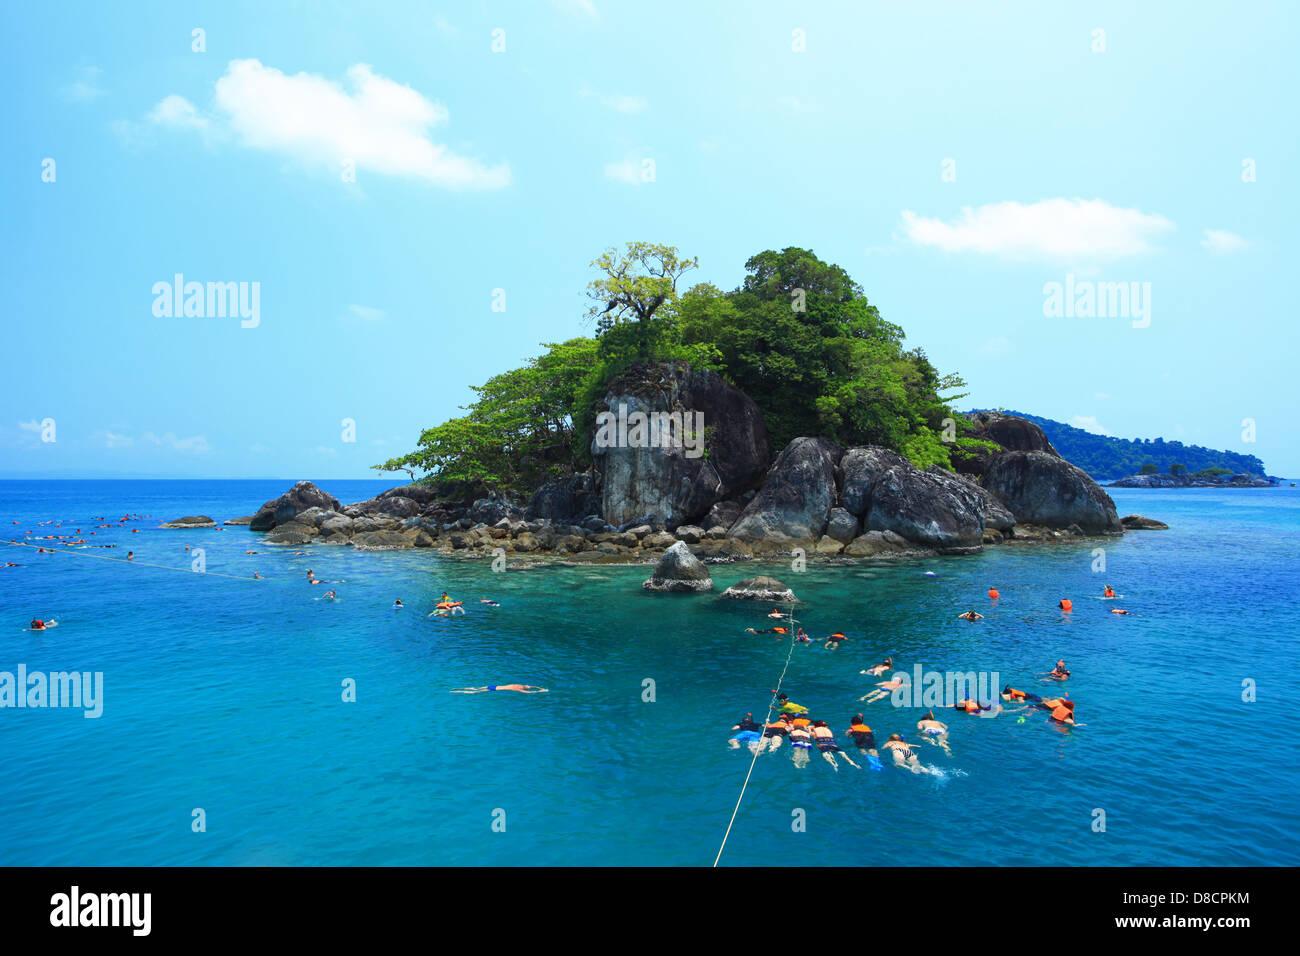 Gruppenreisen für Schnorcheln. in der Nähe von Kho Chang Inseln in thailand Stockbild